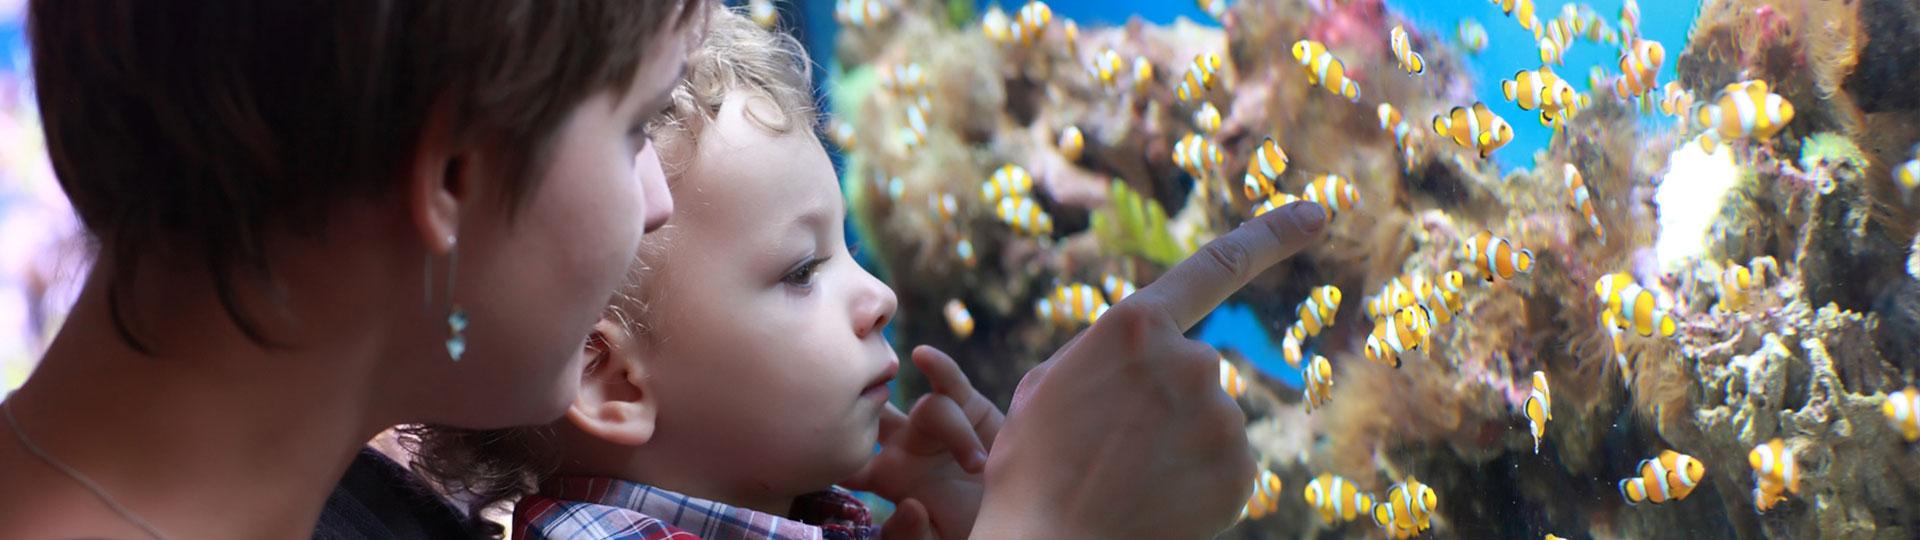 Mutter mit Kind vor einem Aquarium mit Fischen